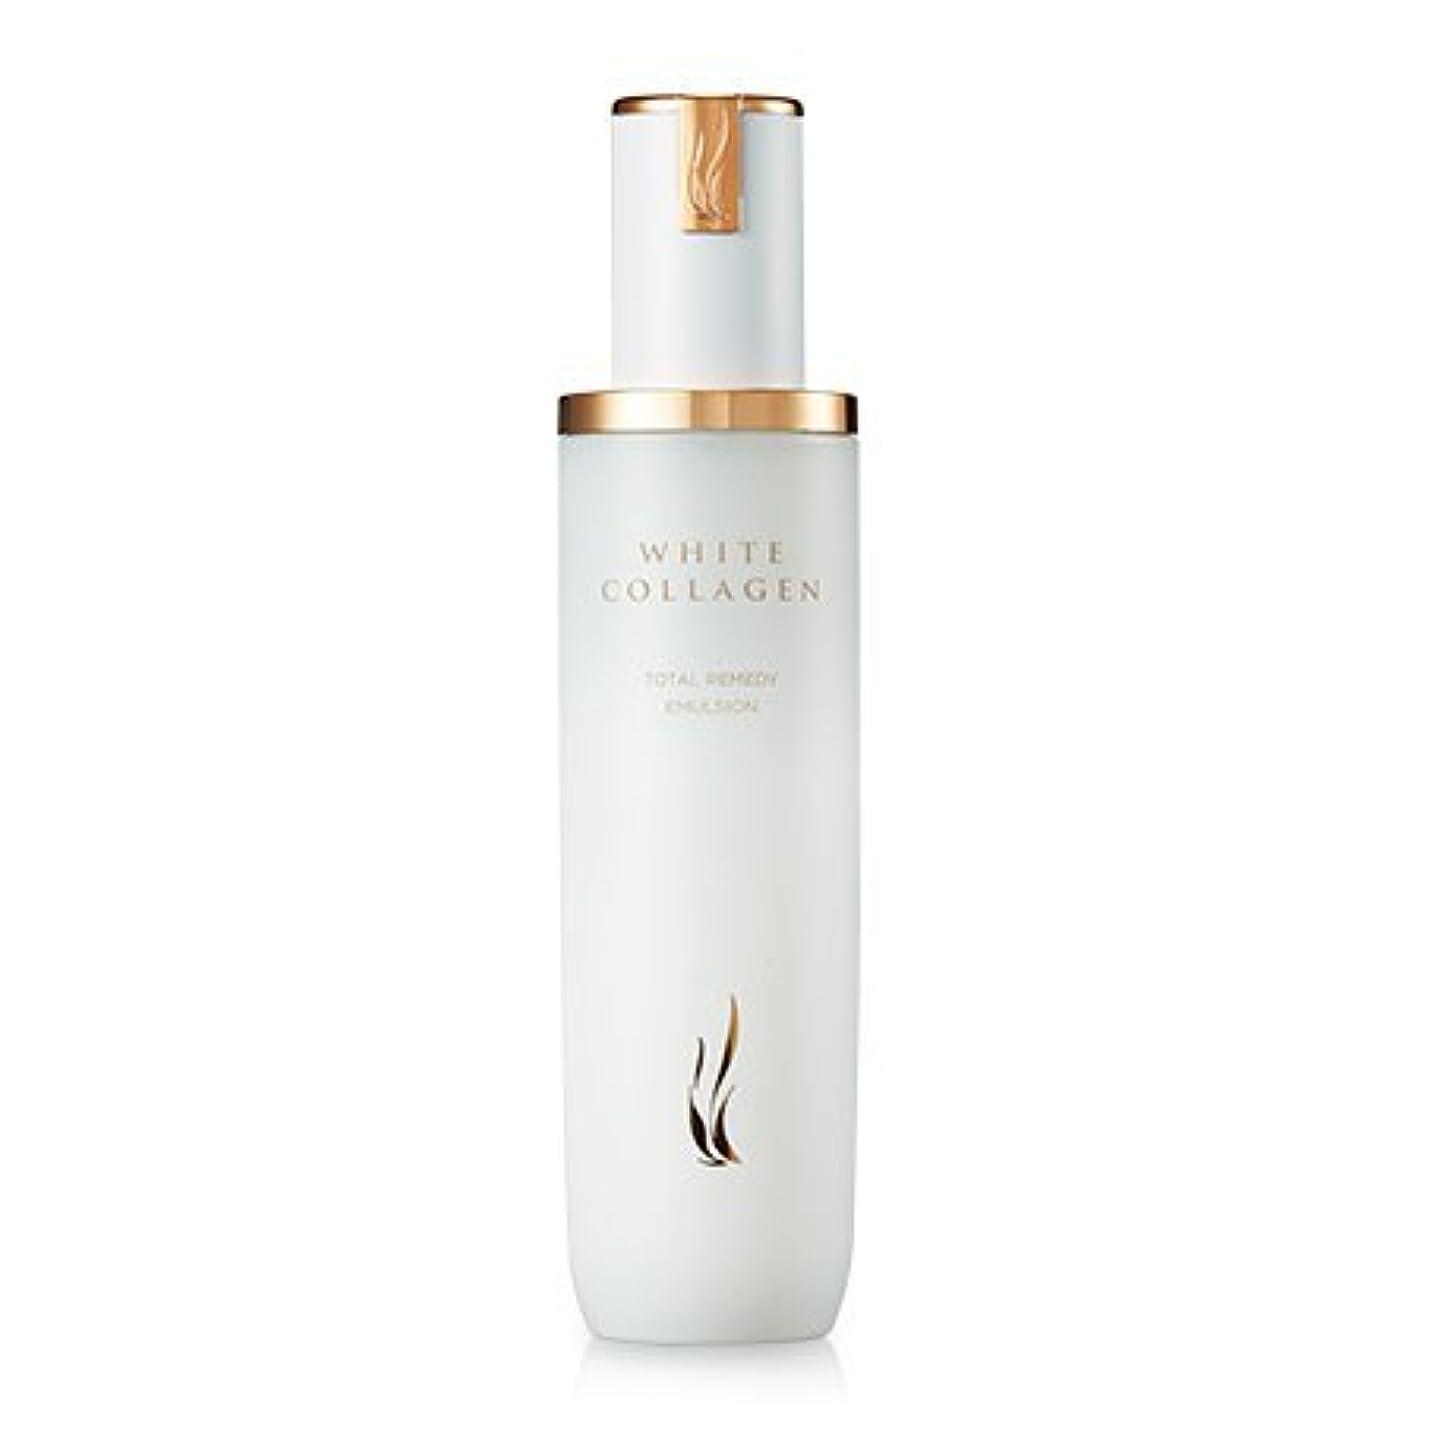 廊下帝国松明[New] A.H.C (AHC) White Collagen Total Remedy Emulsion 130ml/A.H.C ホワイト コラーゲン トータル レミディ エマルジョン 130ml [並行輸入品]